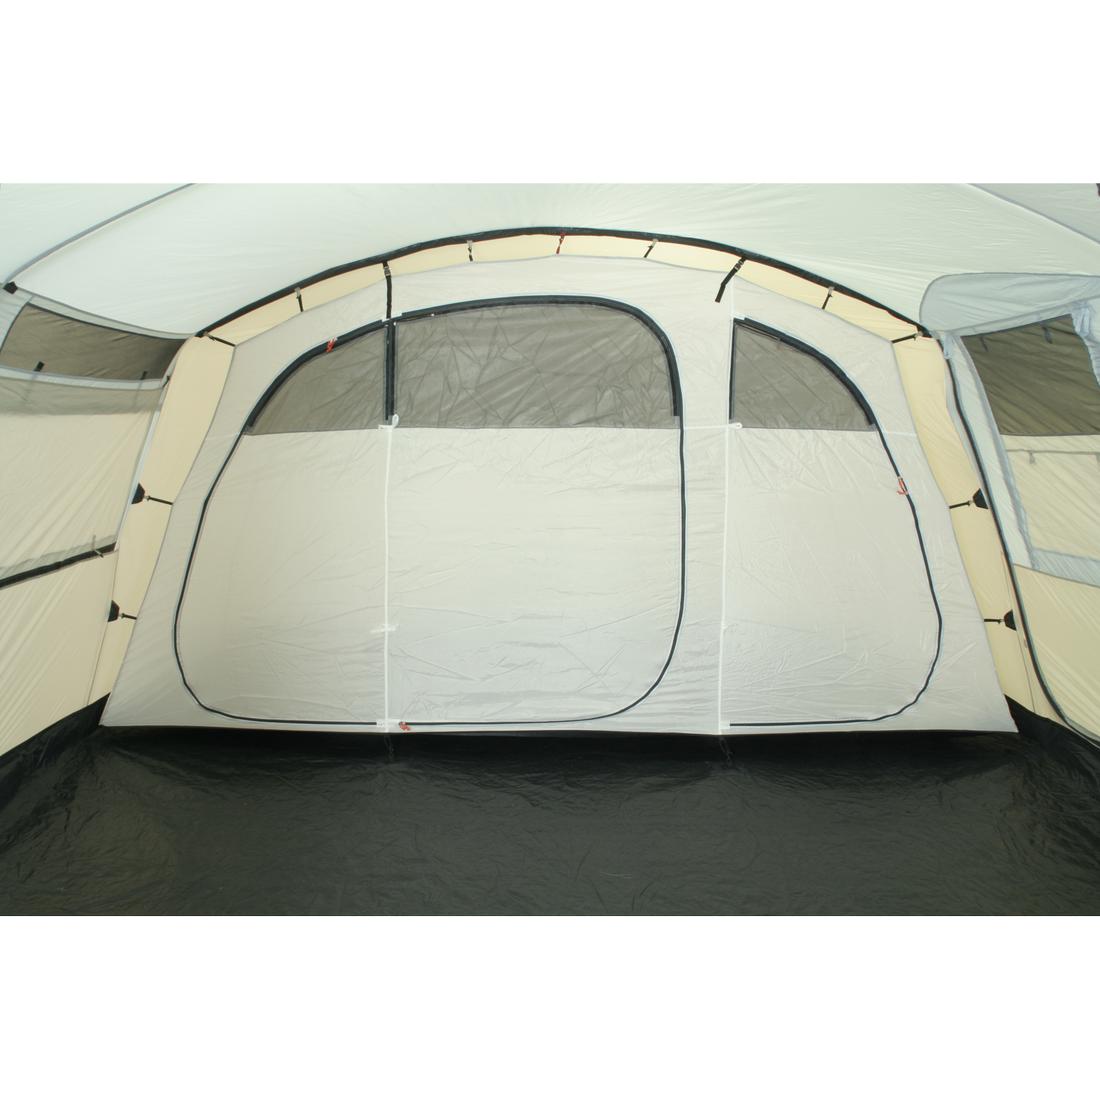 10t sorrento 6 6 personen tunnel zelt mit vordach teilbare schlafkabine voll b ebay. Black Bedroom Furniture Sets. Home Design Ideas